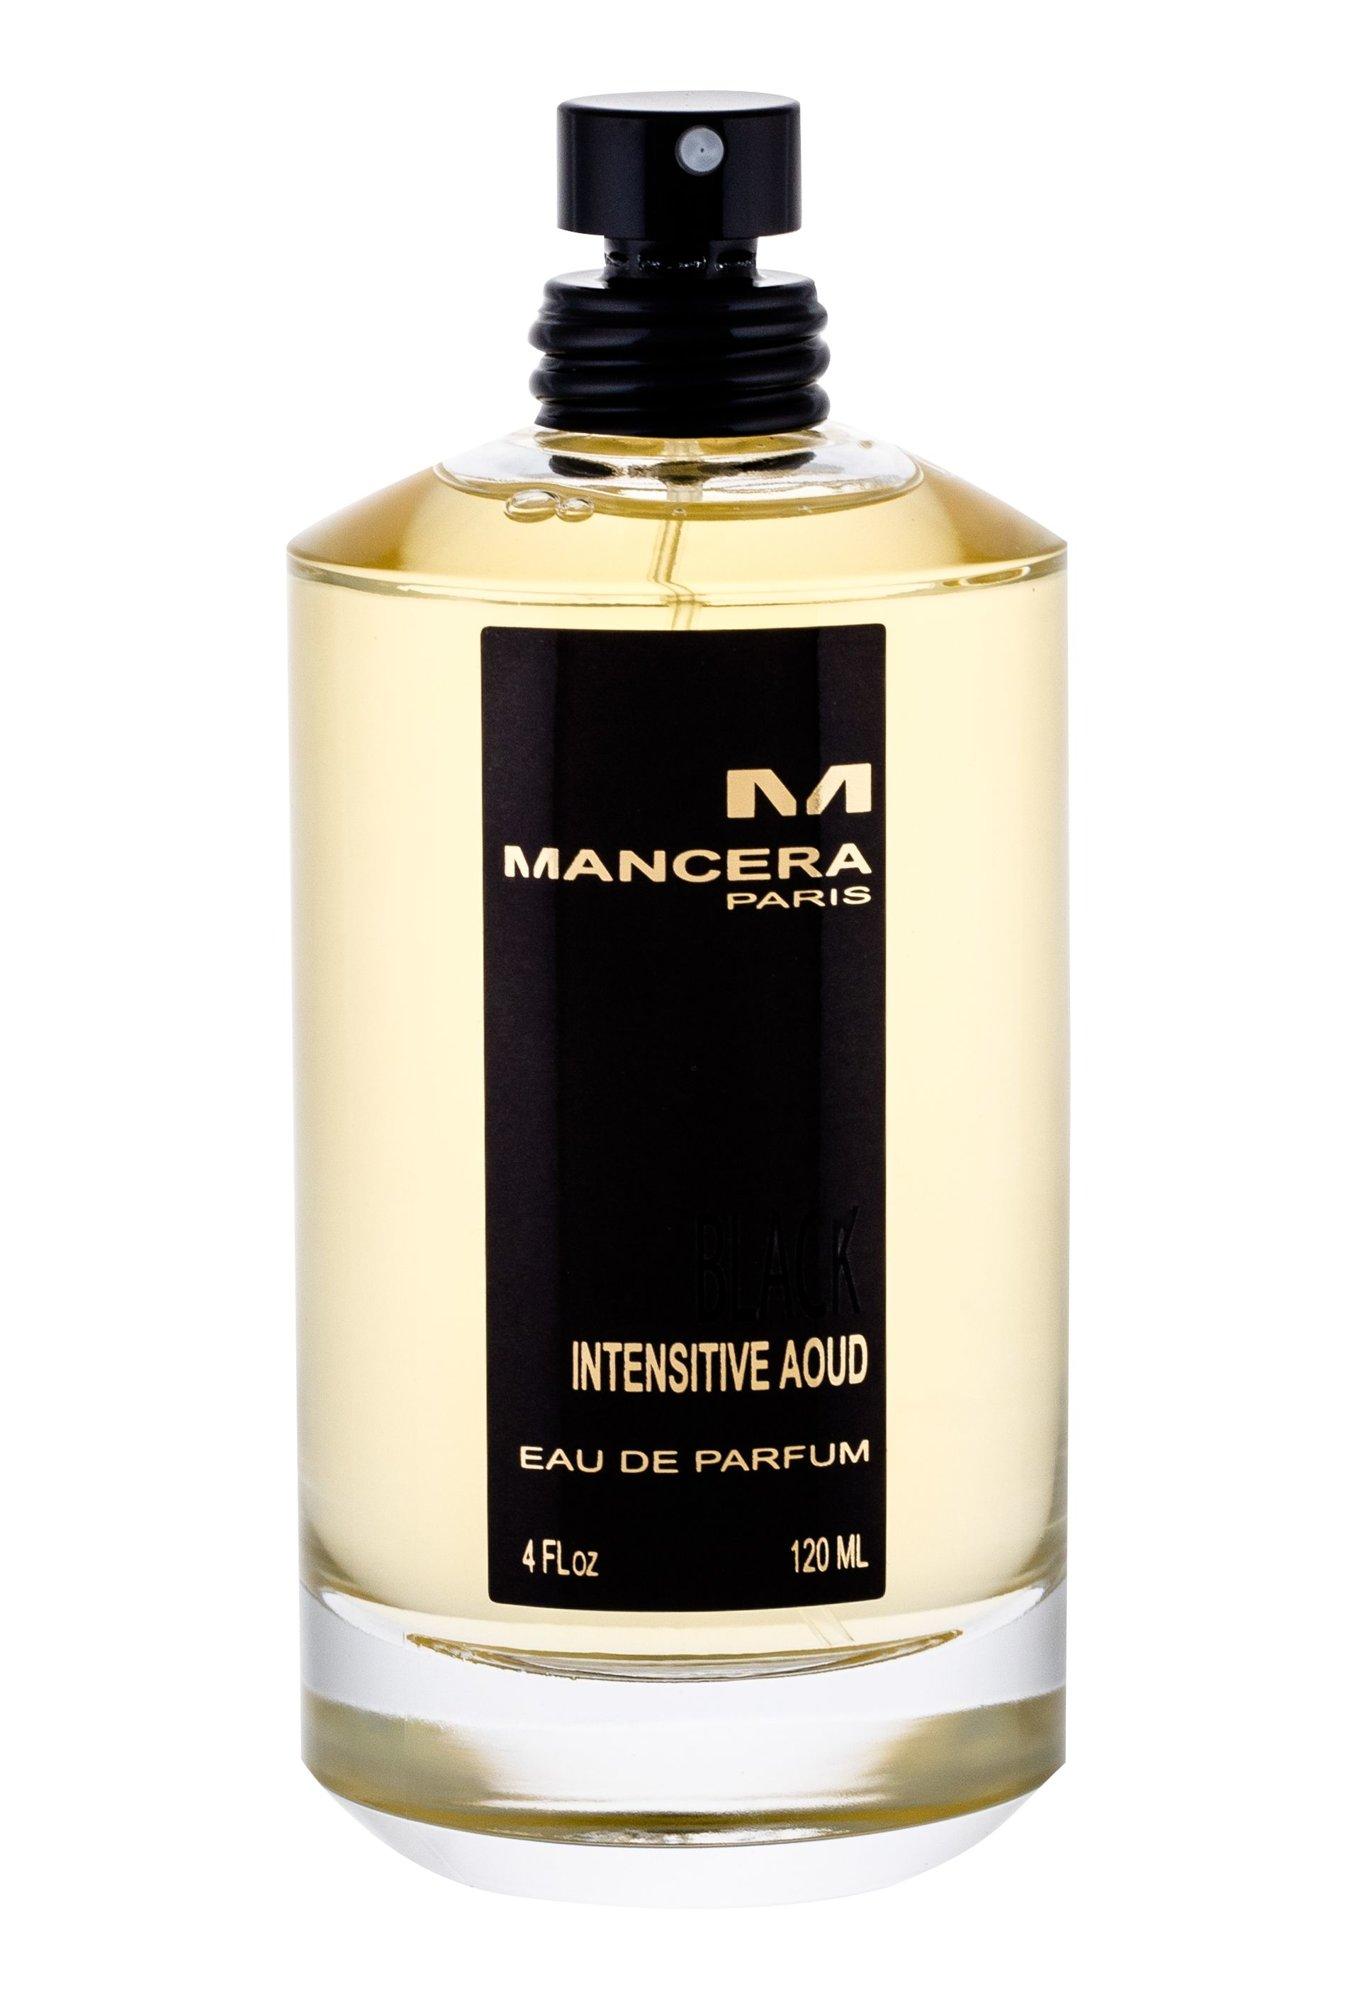 MANCERA Voyage en Arabie Black Intensitive Aoud Eau de Parfum 120ml